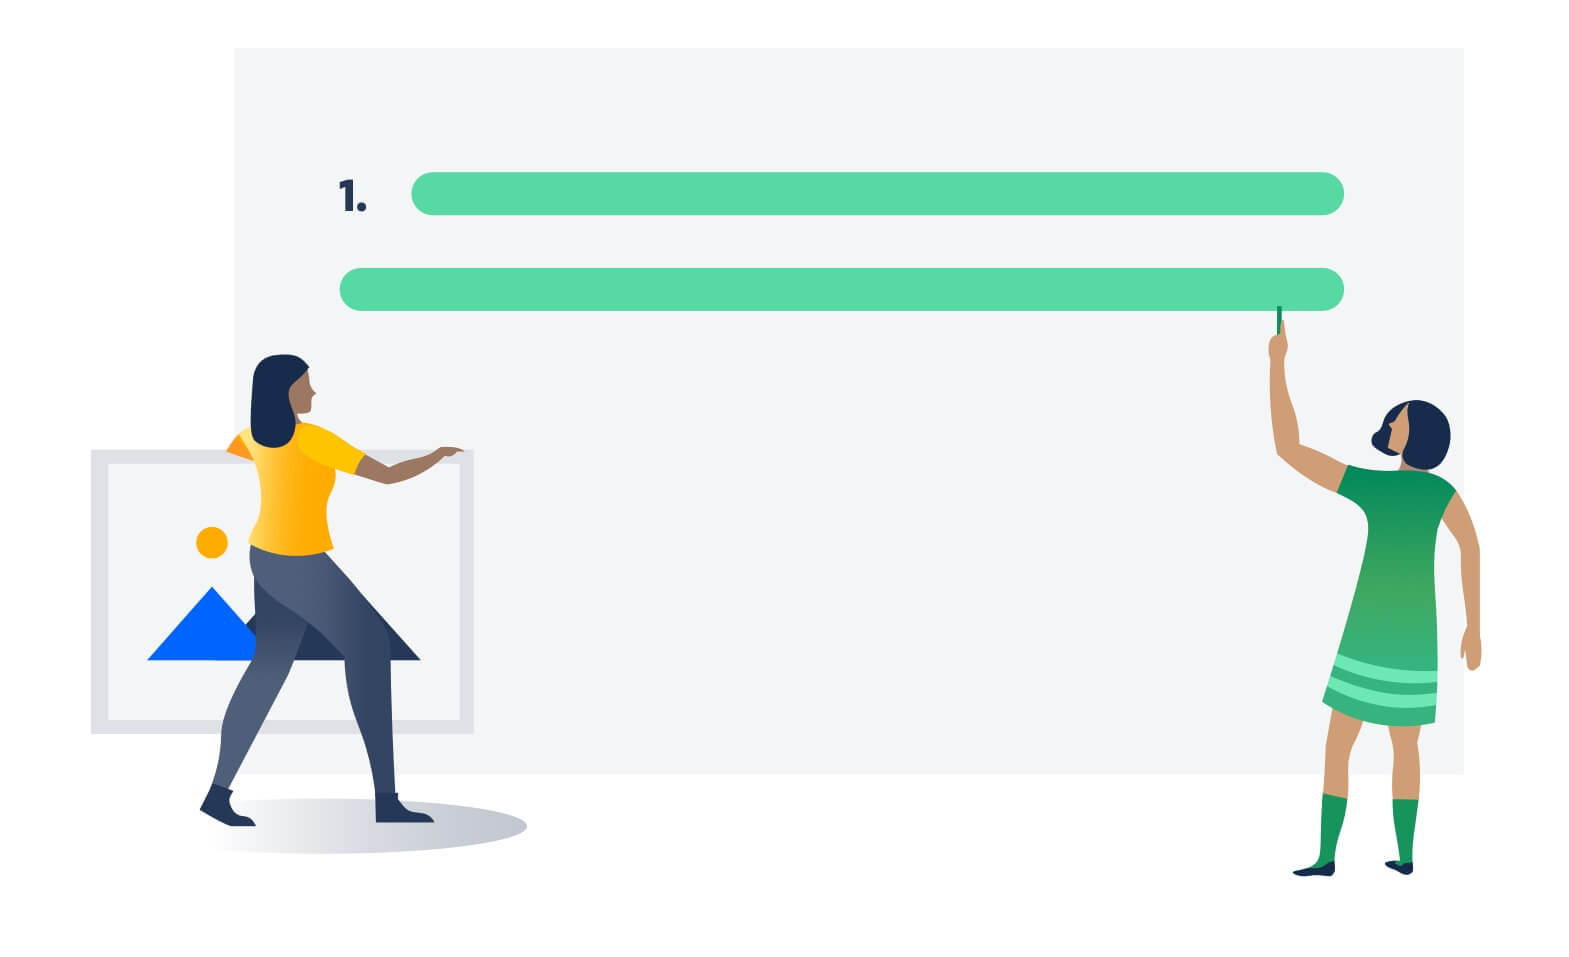 第 3 步:收集插图、图形和屏幕截图